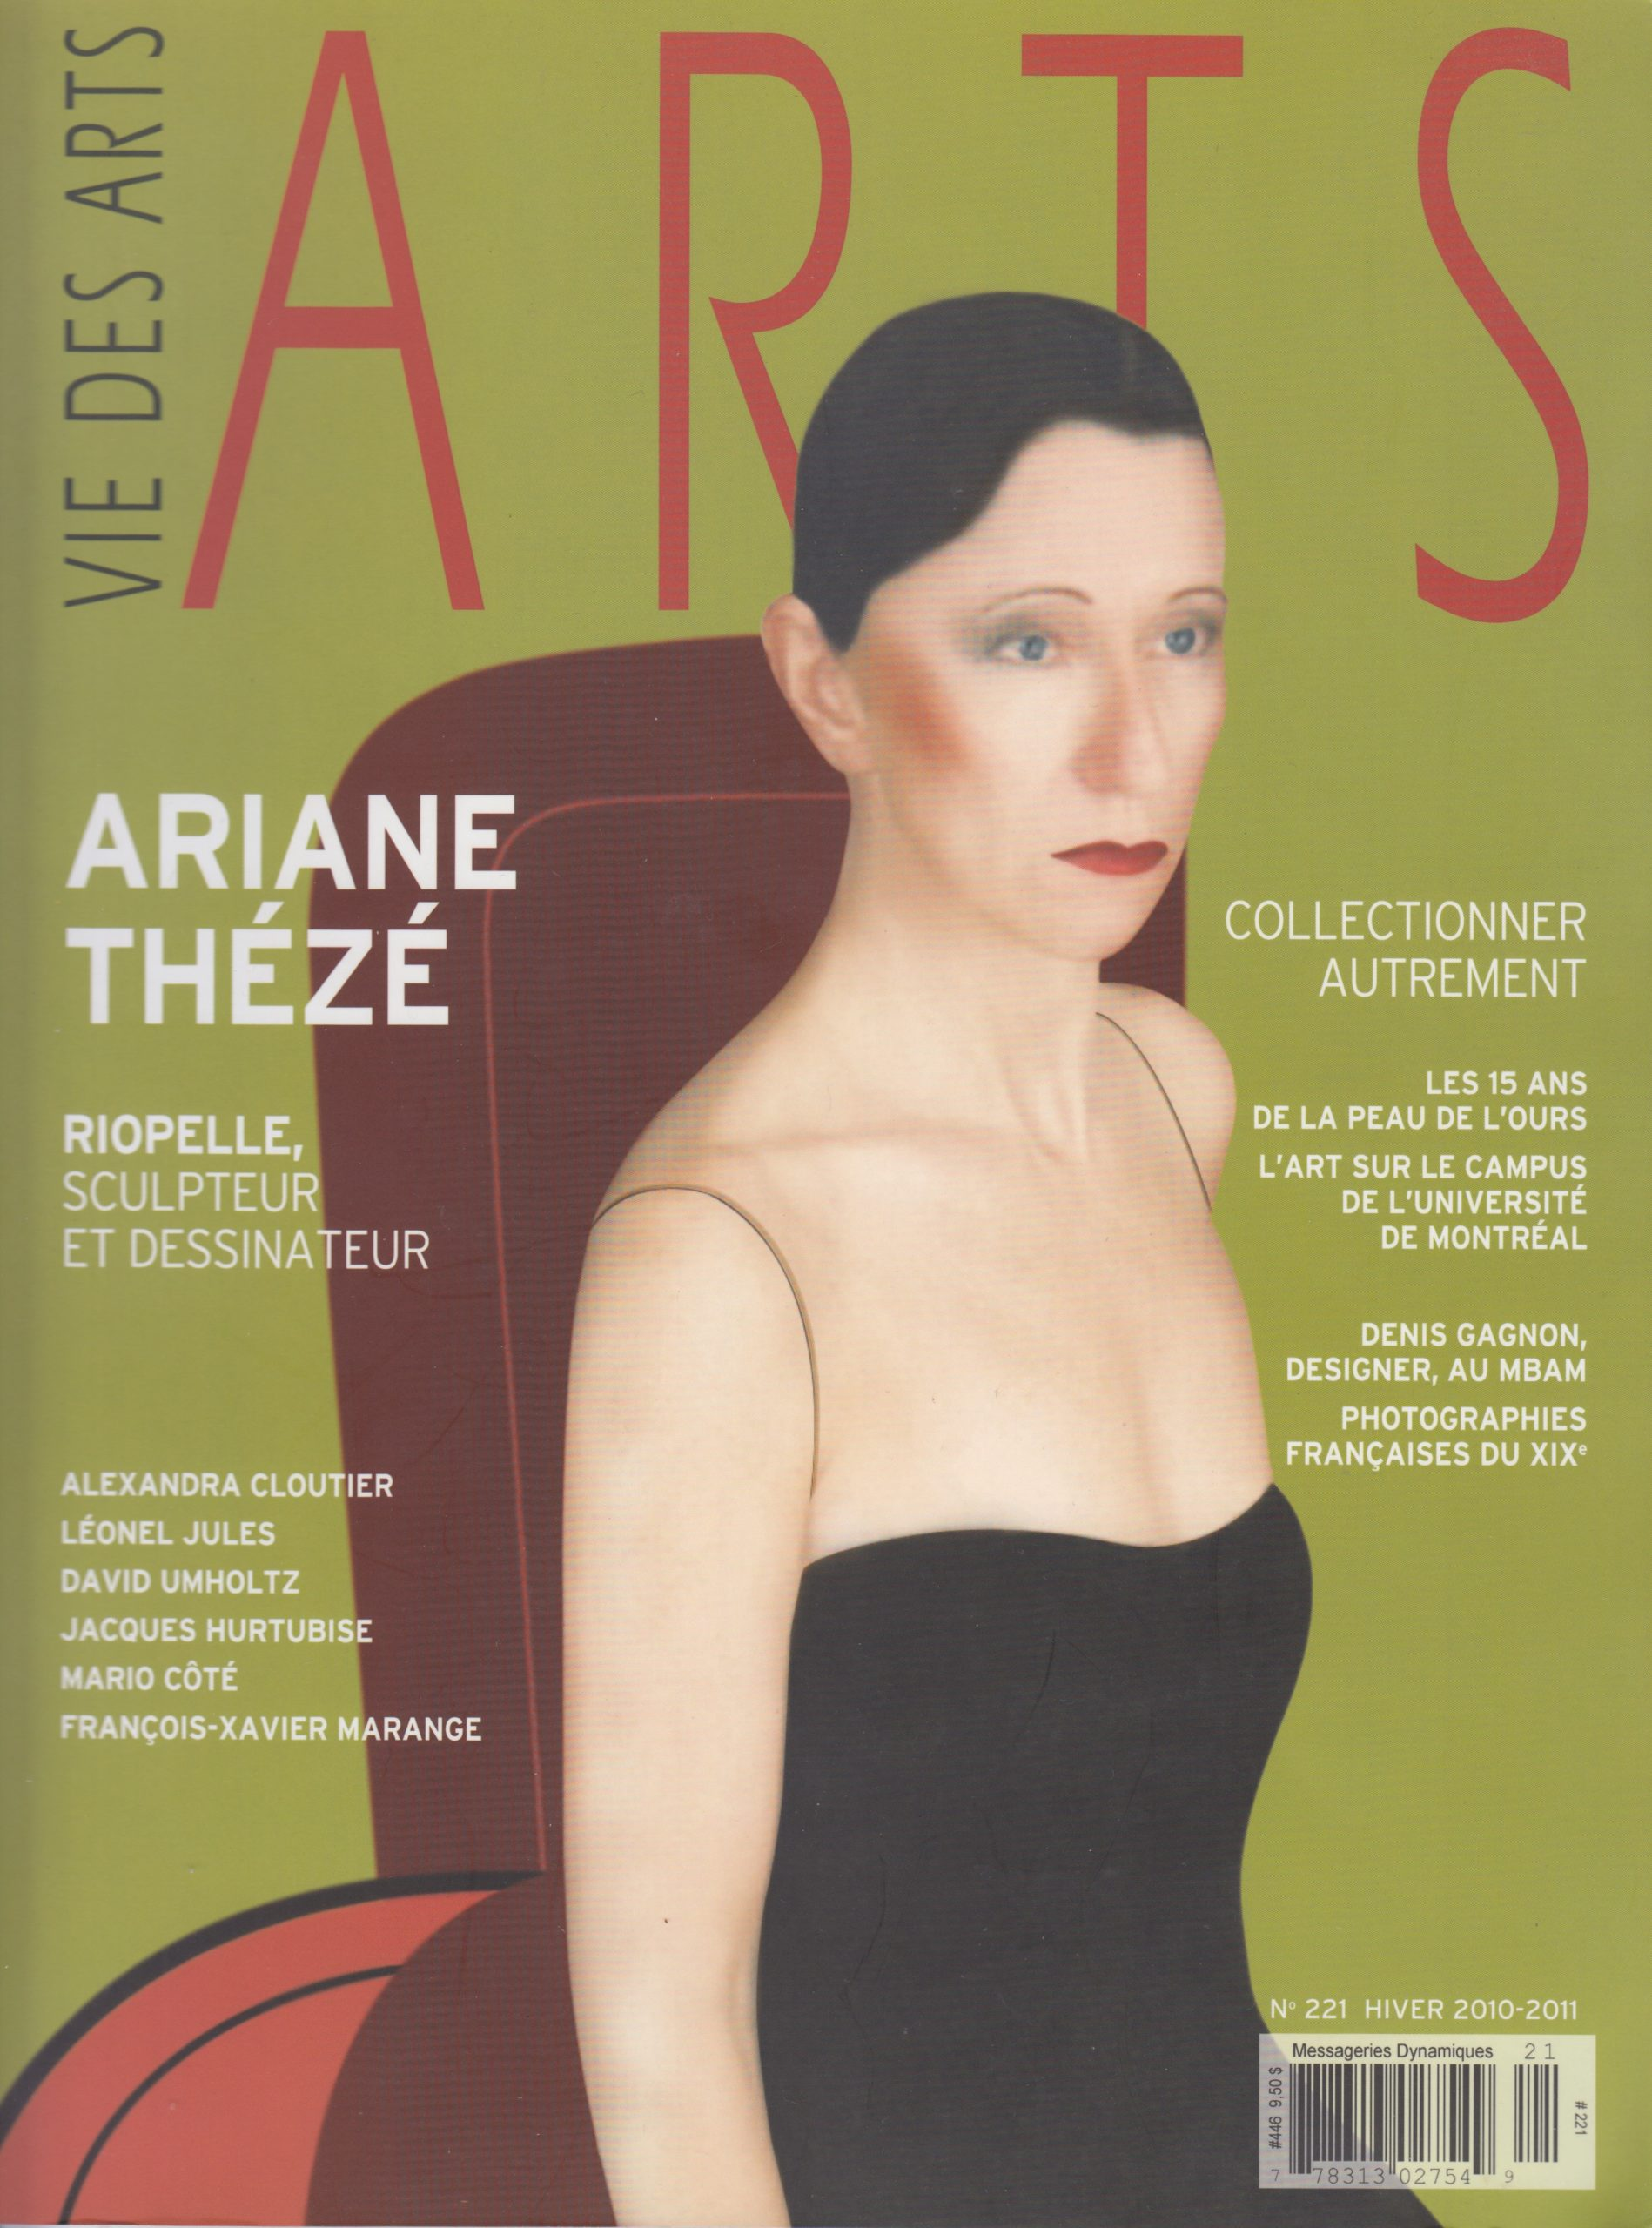 Quand une musique devient peinture, Jean de Julio-Paquin, Vie des arts, no 221, 2010-2011